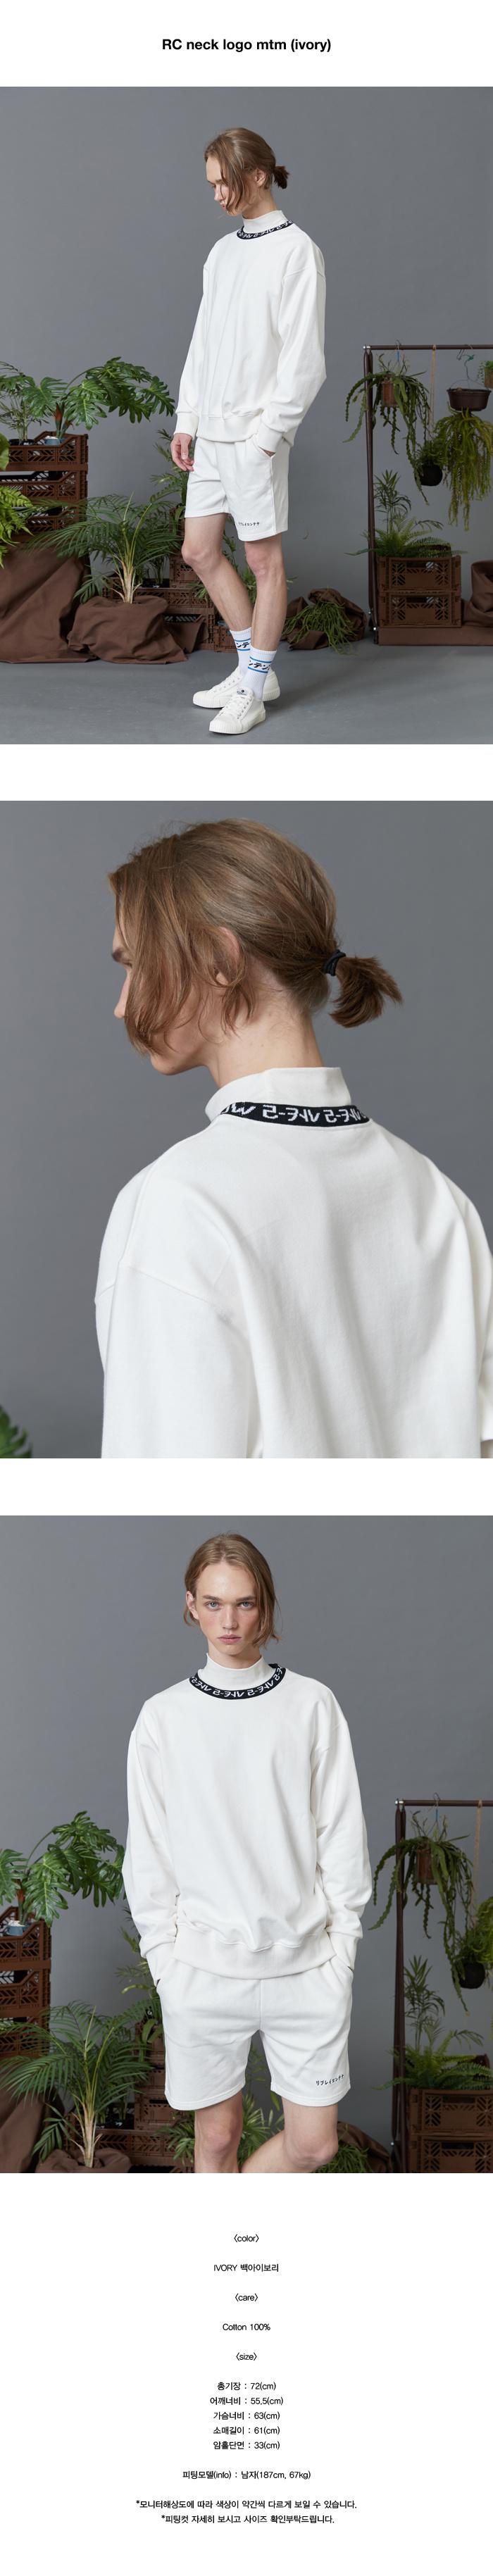 리플레이컨테이너(REPLAY CONTAINER) RC neck logo mtm (ivory)